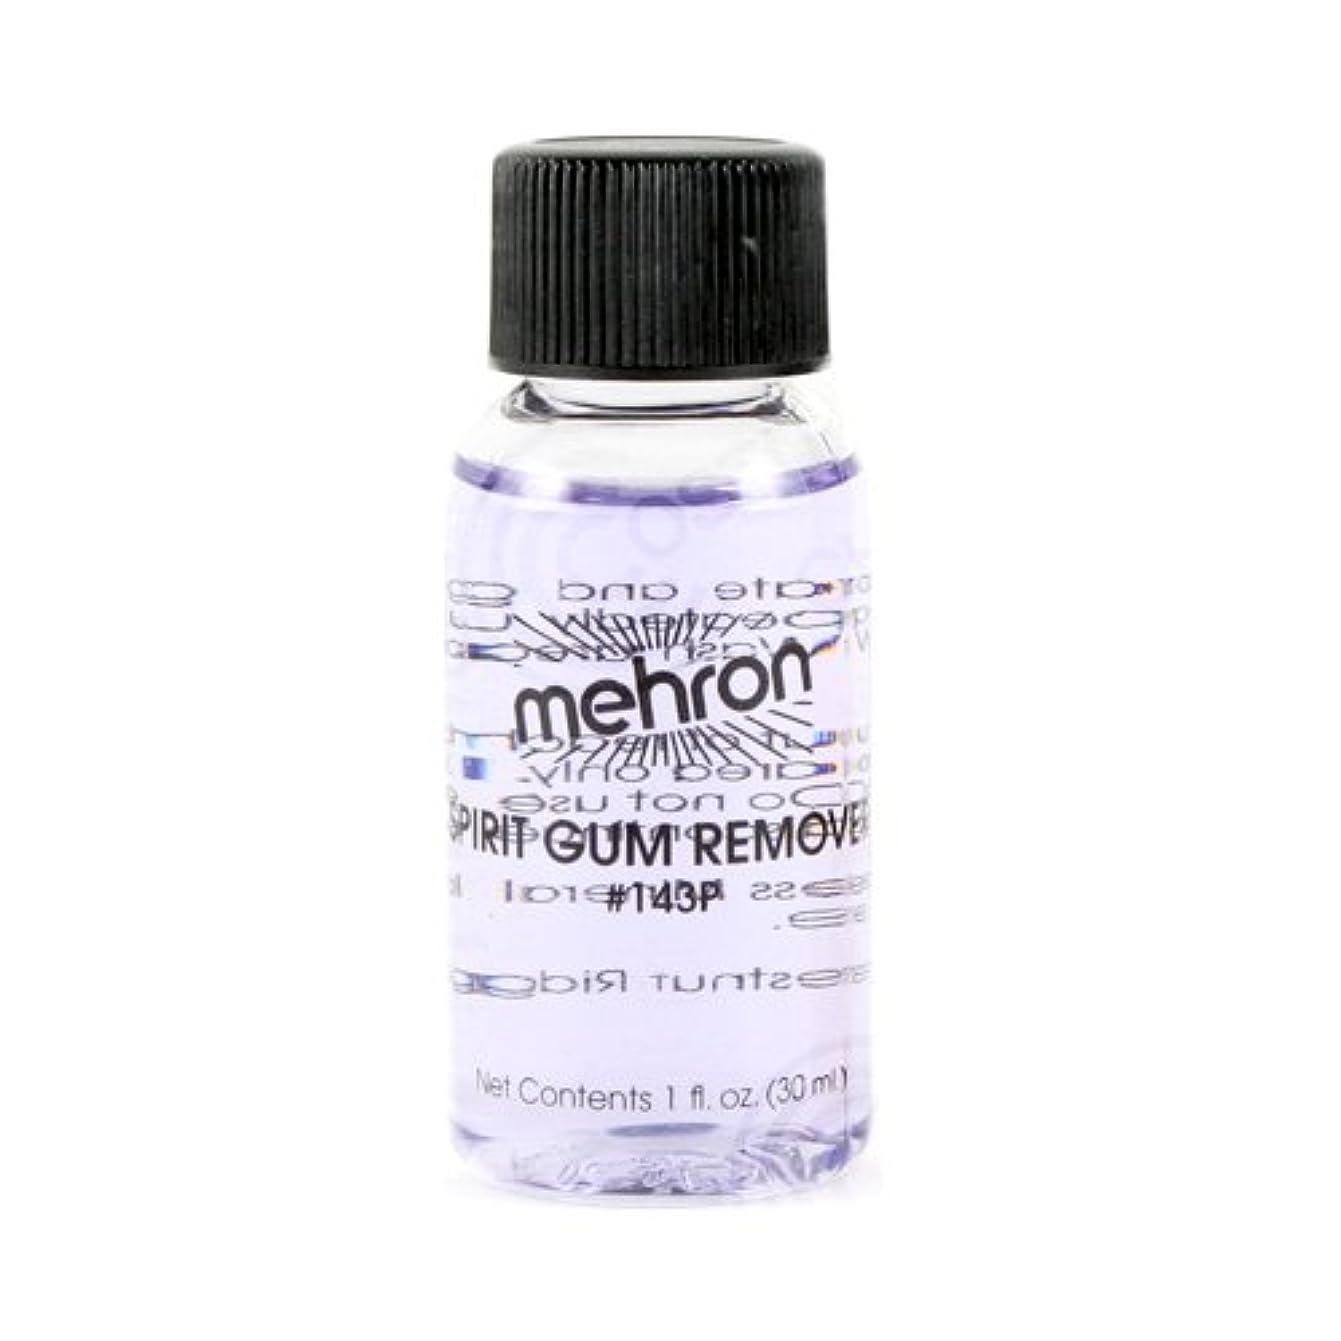 量で買収物足りない(6 Pack) mehron Spirit Gum Remover (並行輸入品)